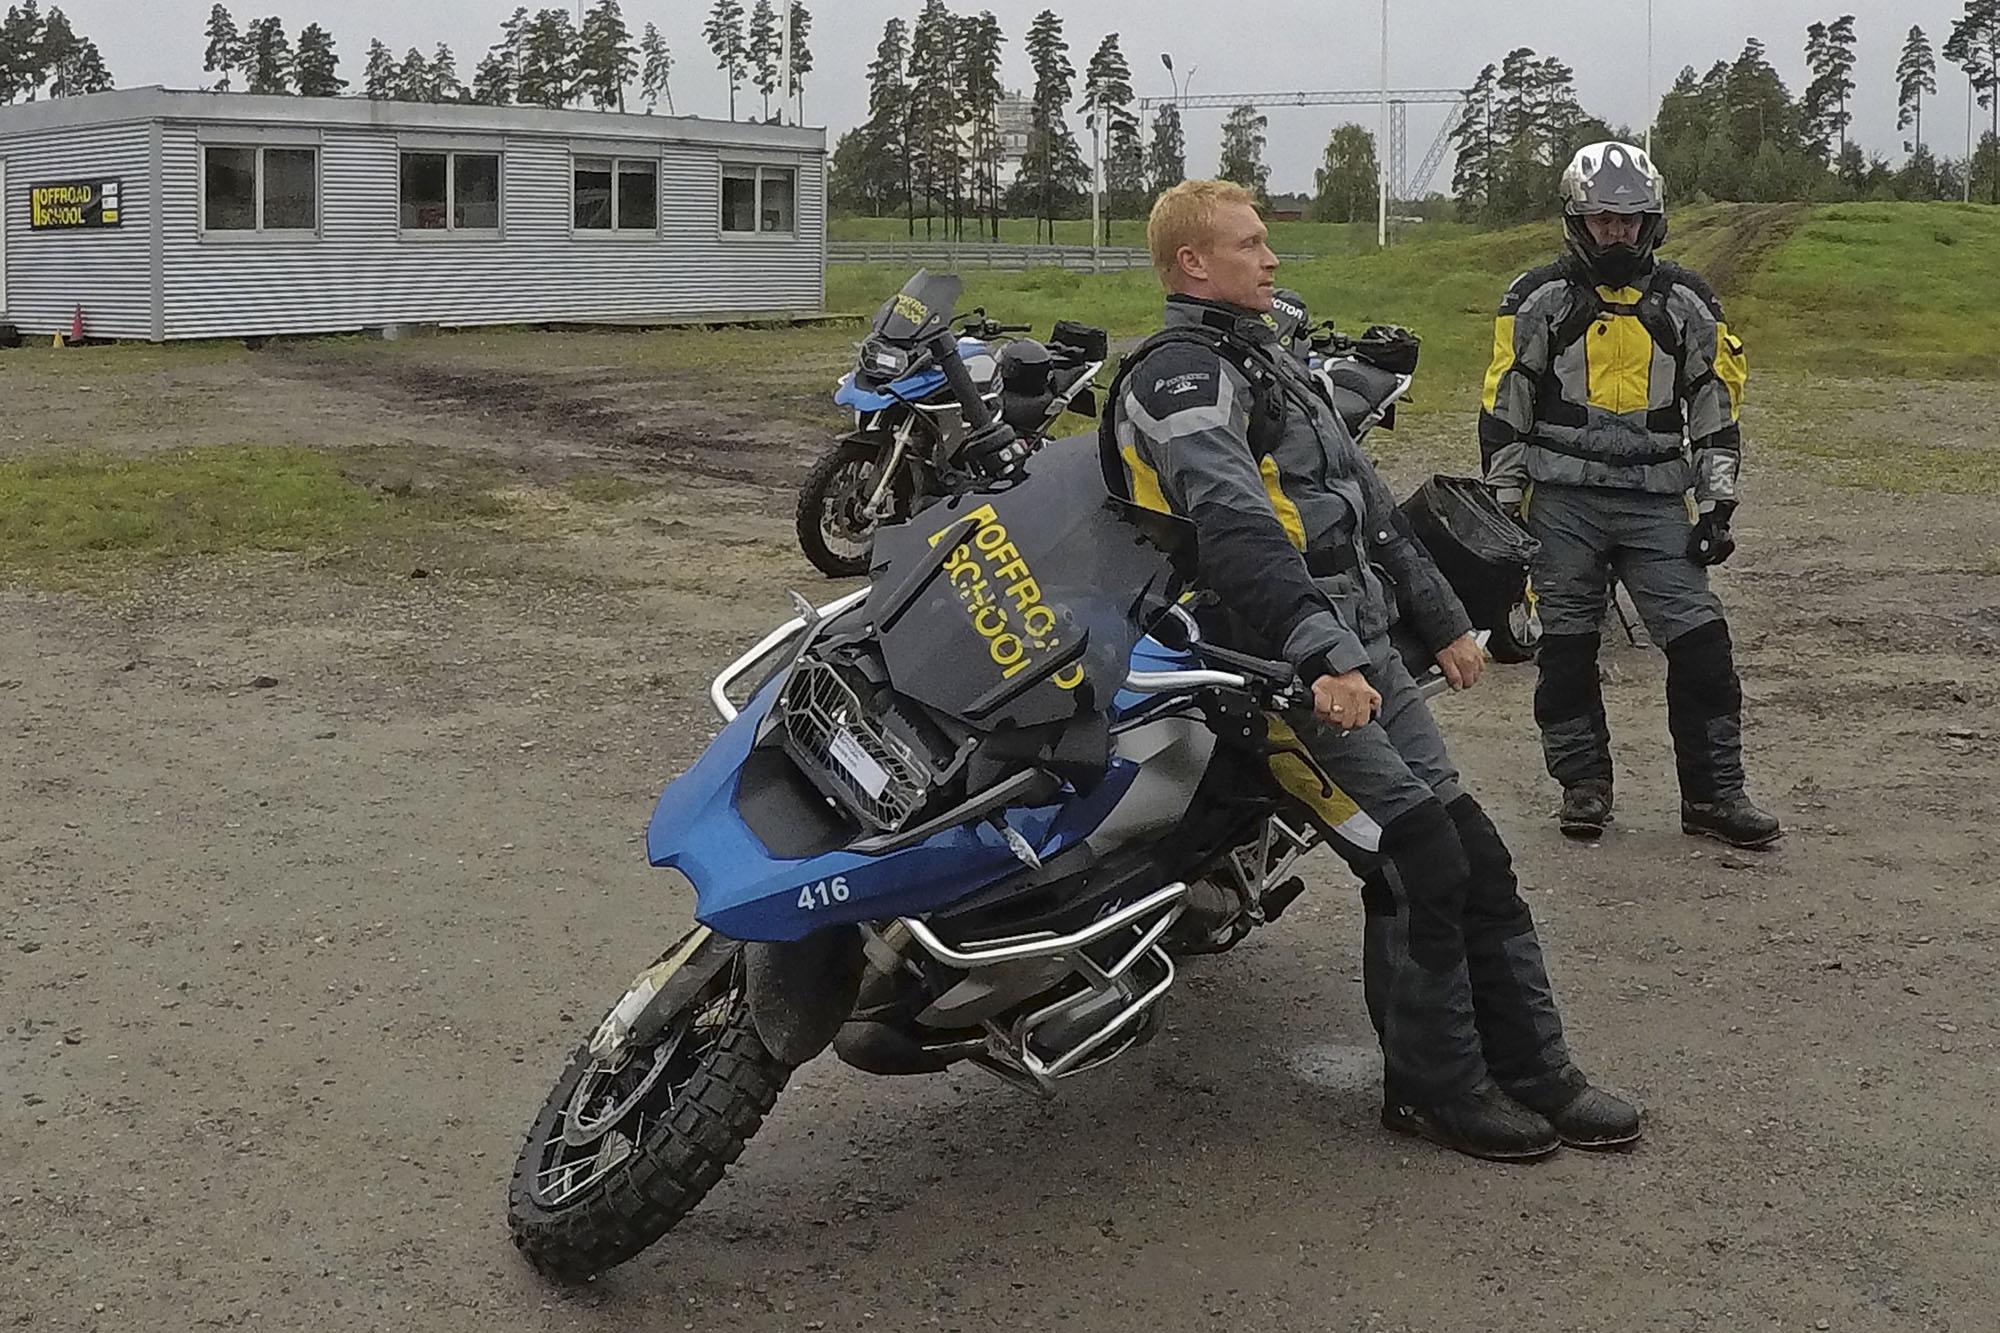 Offroadkurs - slik løfter du opp igjen motorsykkelen